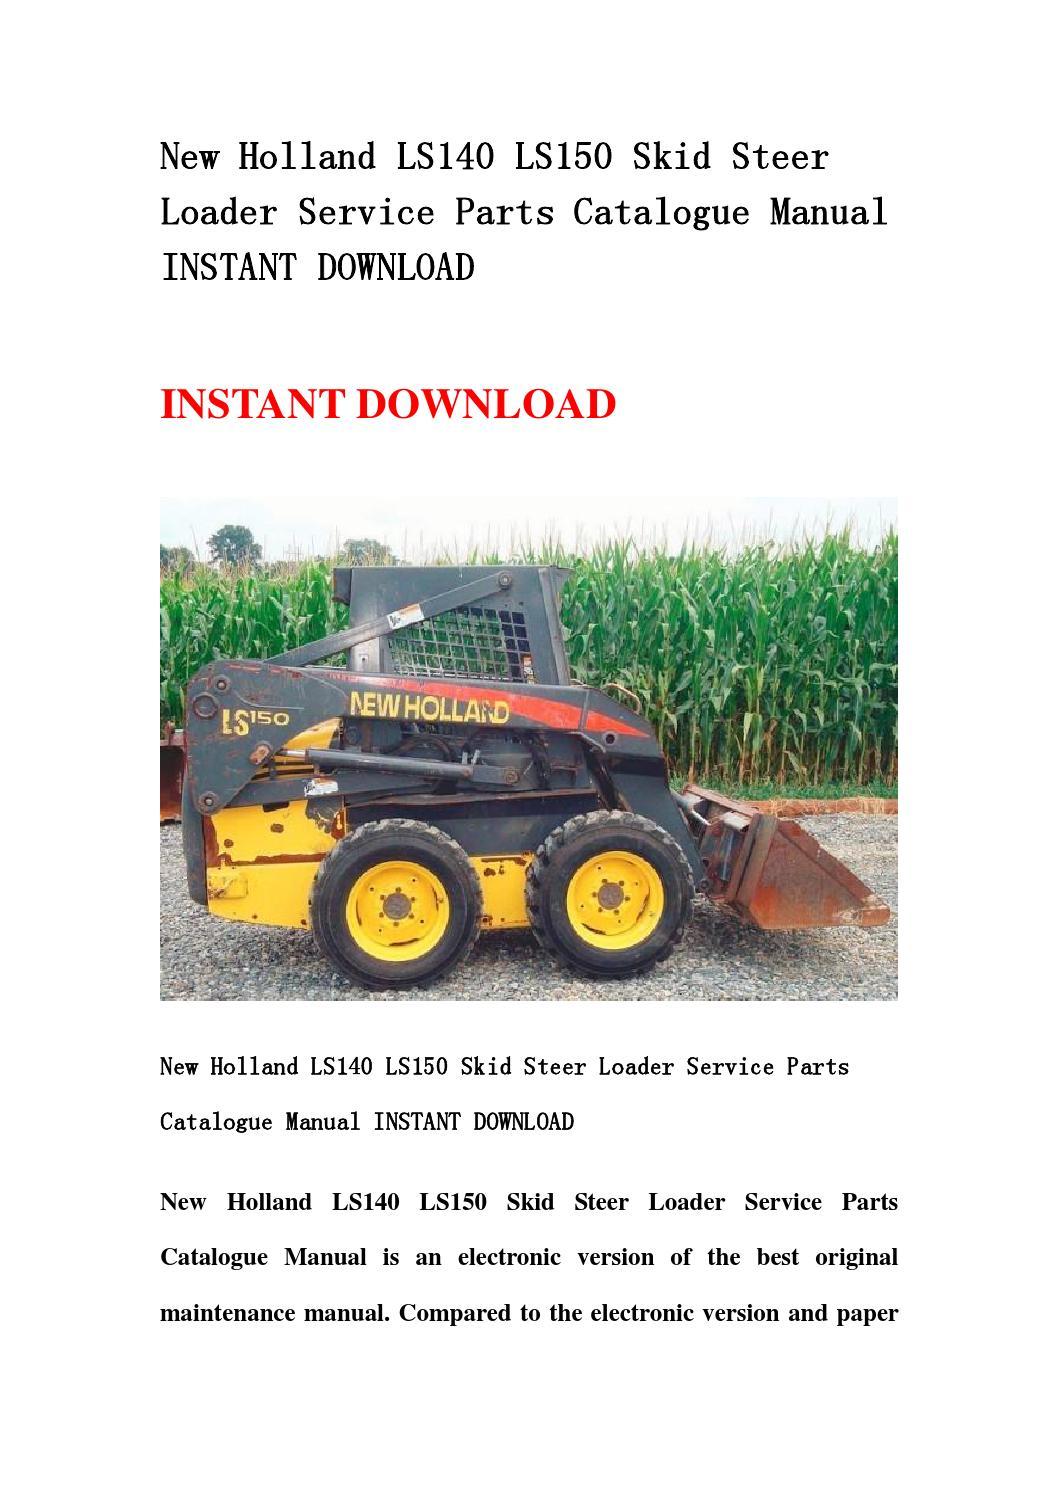 New Holland Ls140 Ls150 Skid Steer Loader Service Parts